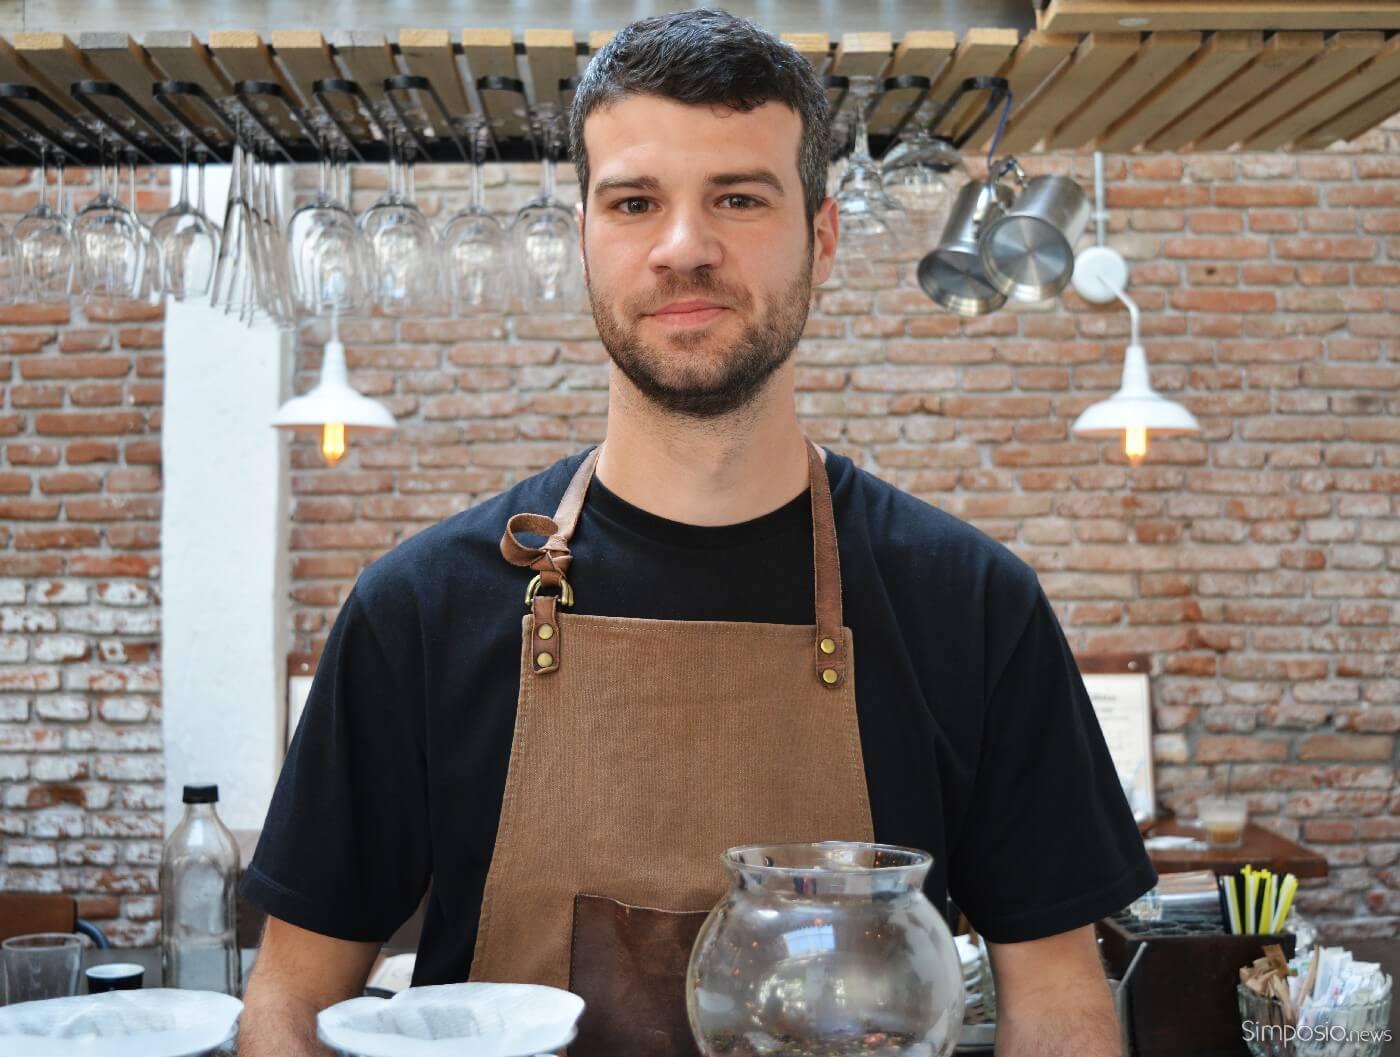 Σπανός Κωνσταντίνος barista